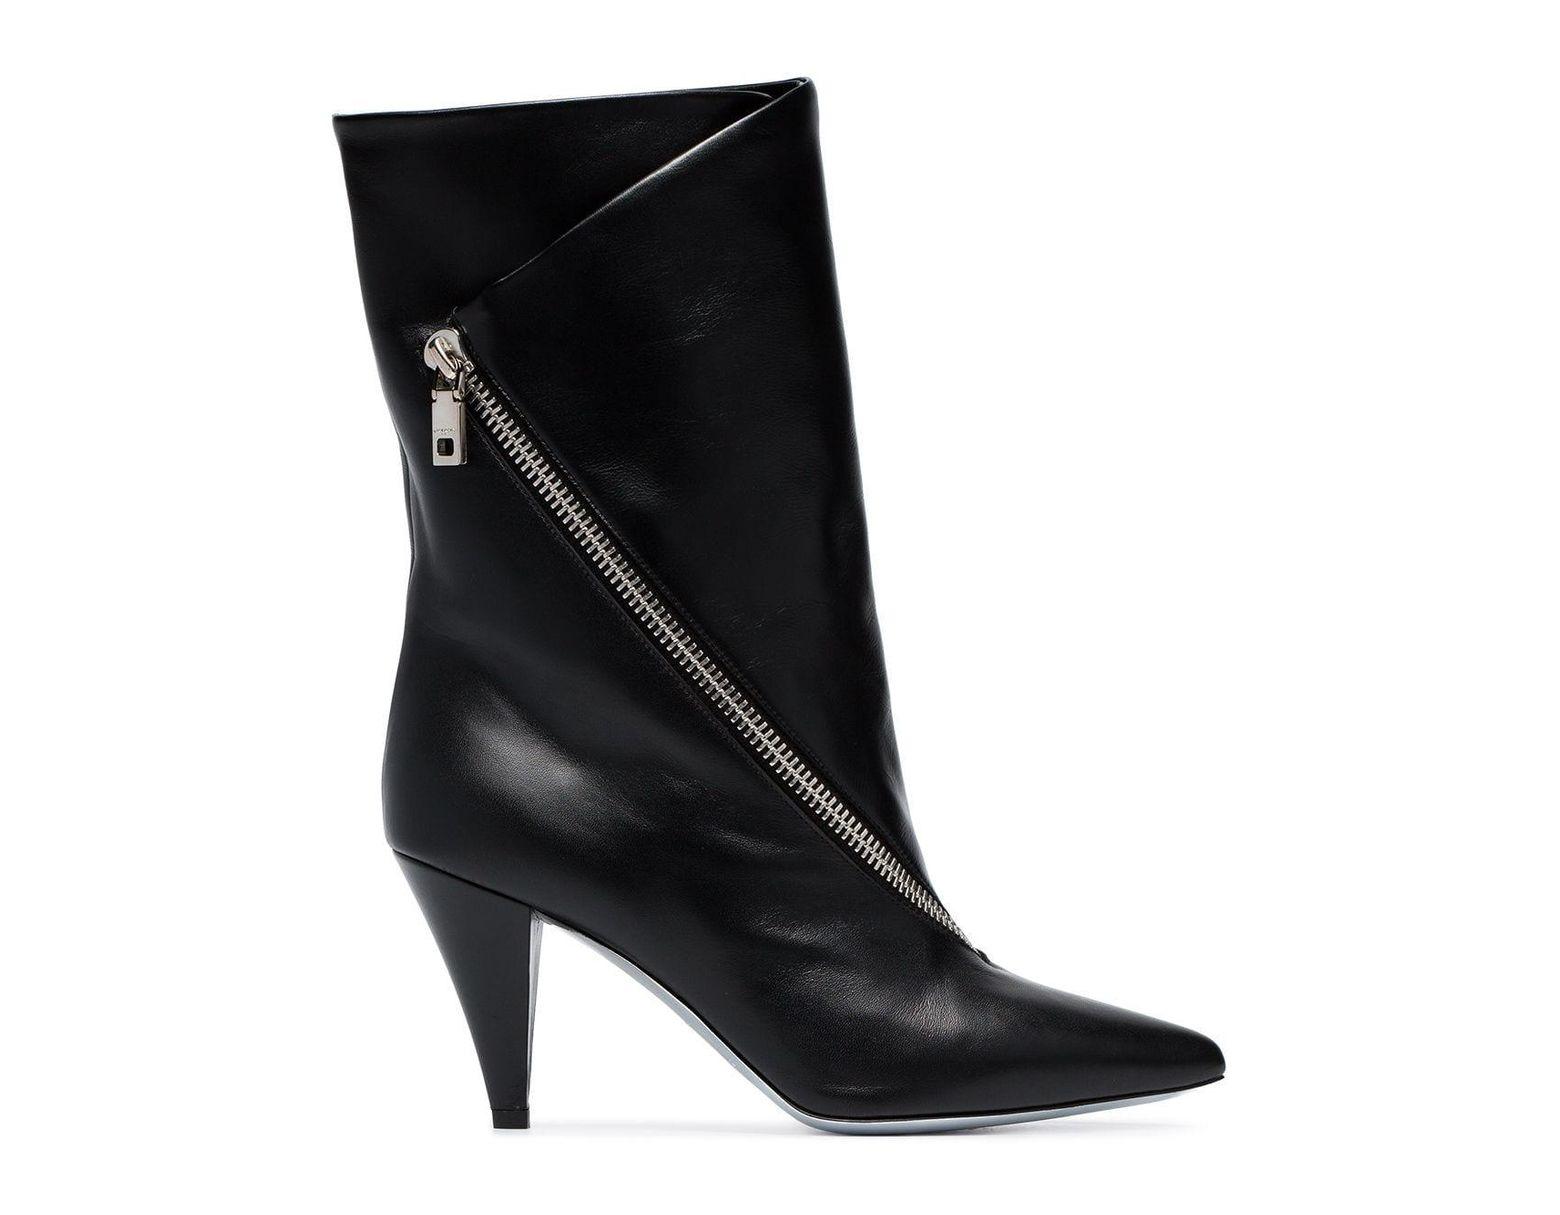 71d83d072d4 Women's Black Point Toe Leather Ankle Boots